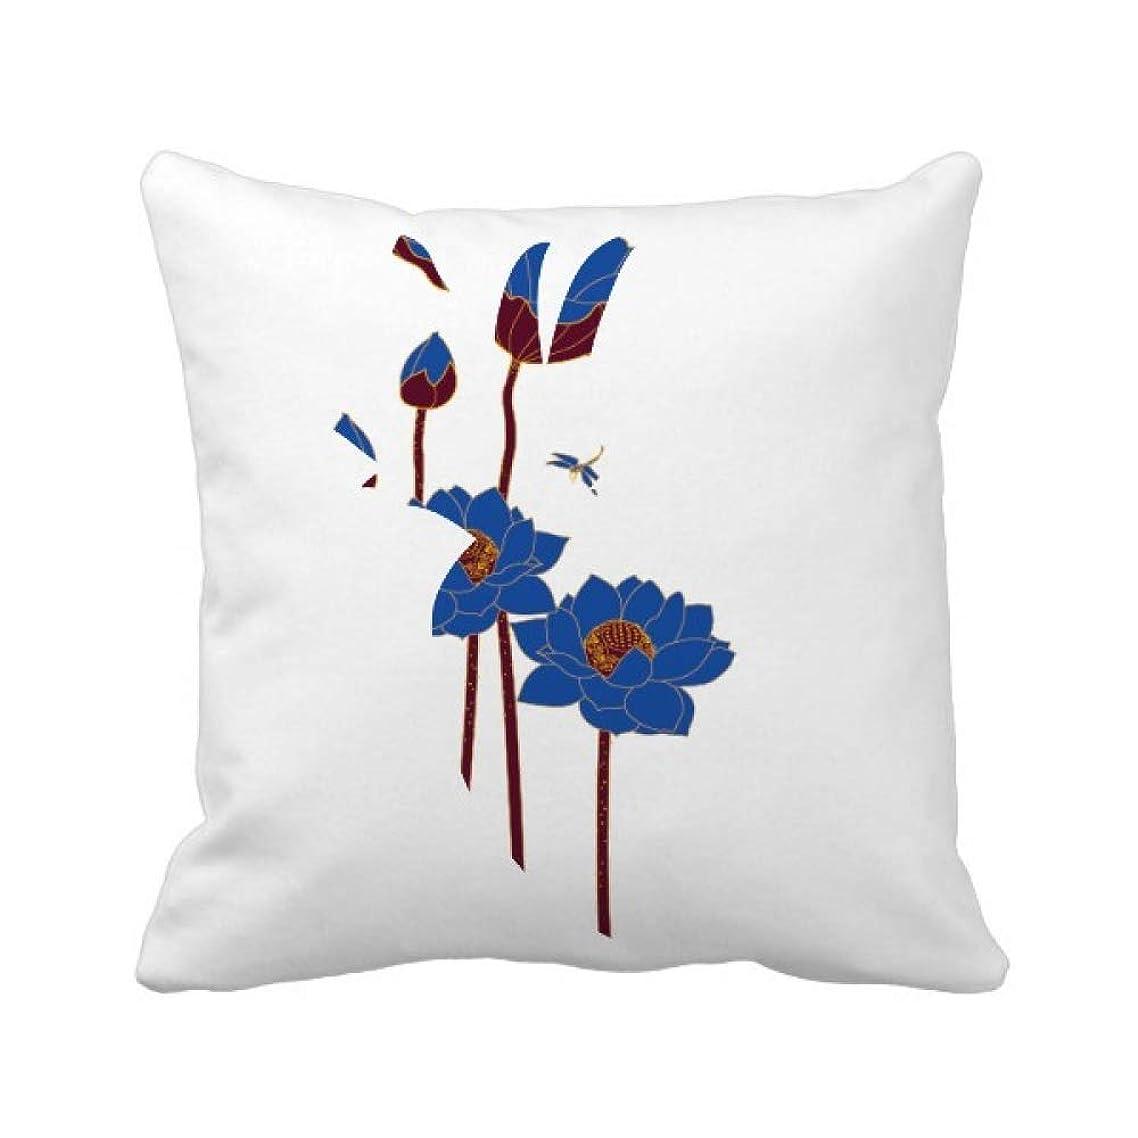 学者近傍異議青い蓮の葉の植物ハスの花のトンボ パイナップル枕カバー正方形を投げる 50cm x 50cm